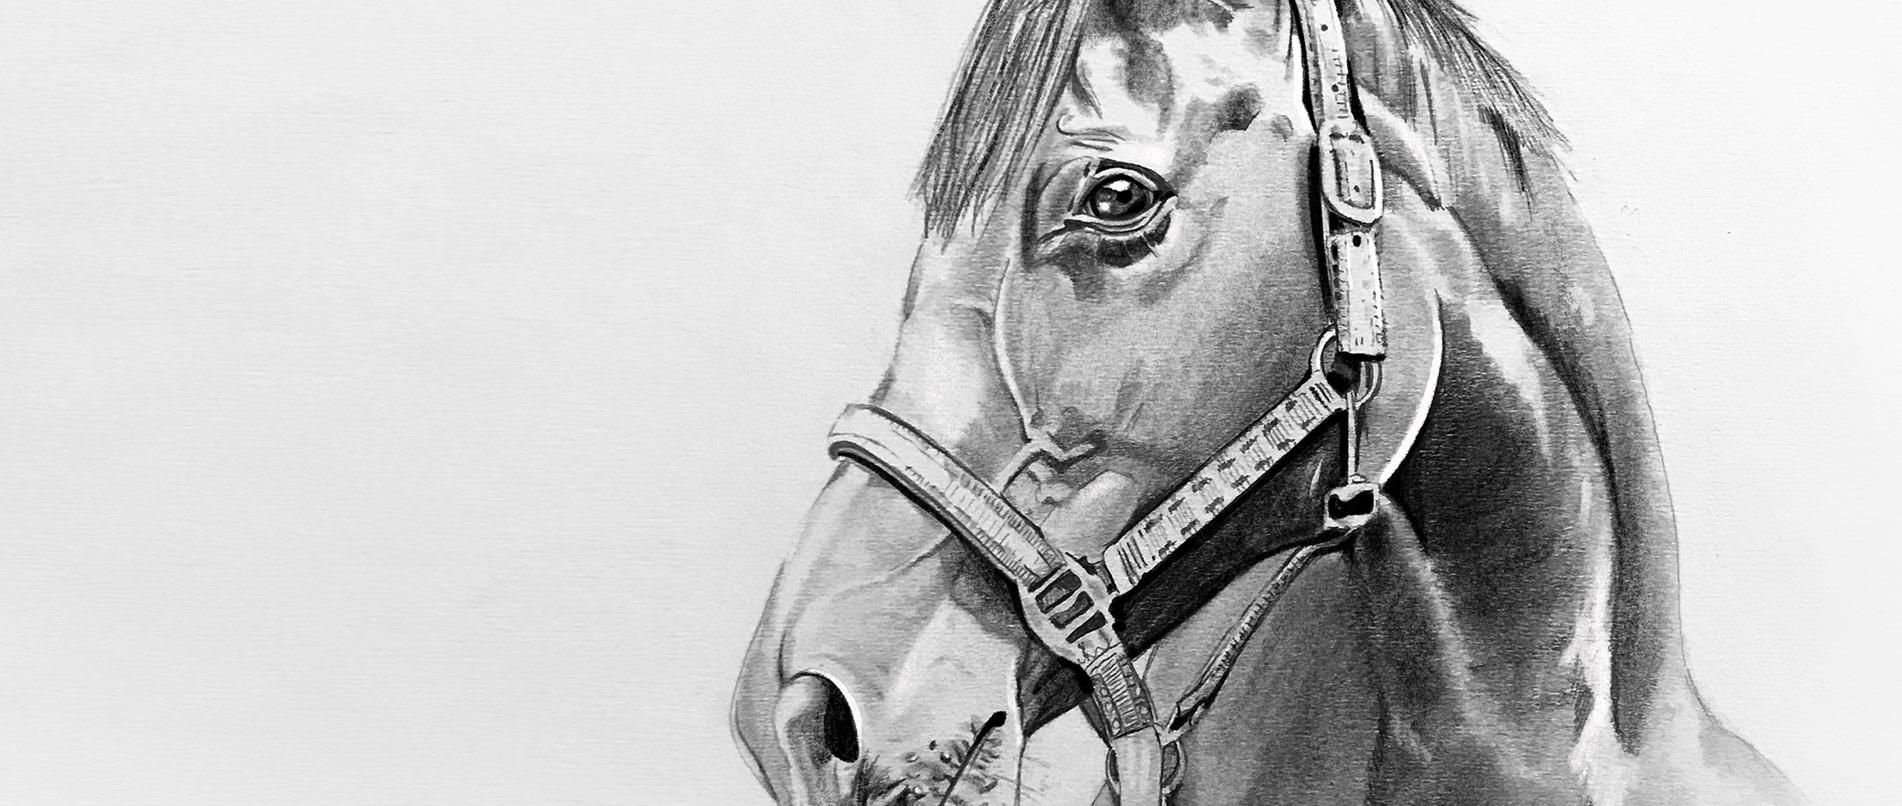 Pferdeportrailt gezeichnet